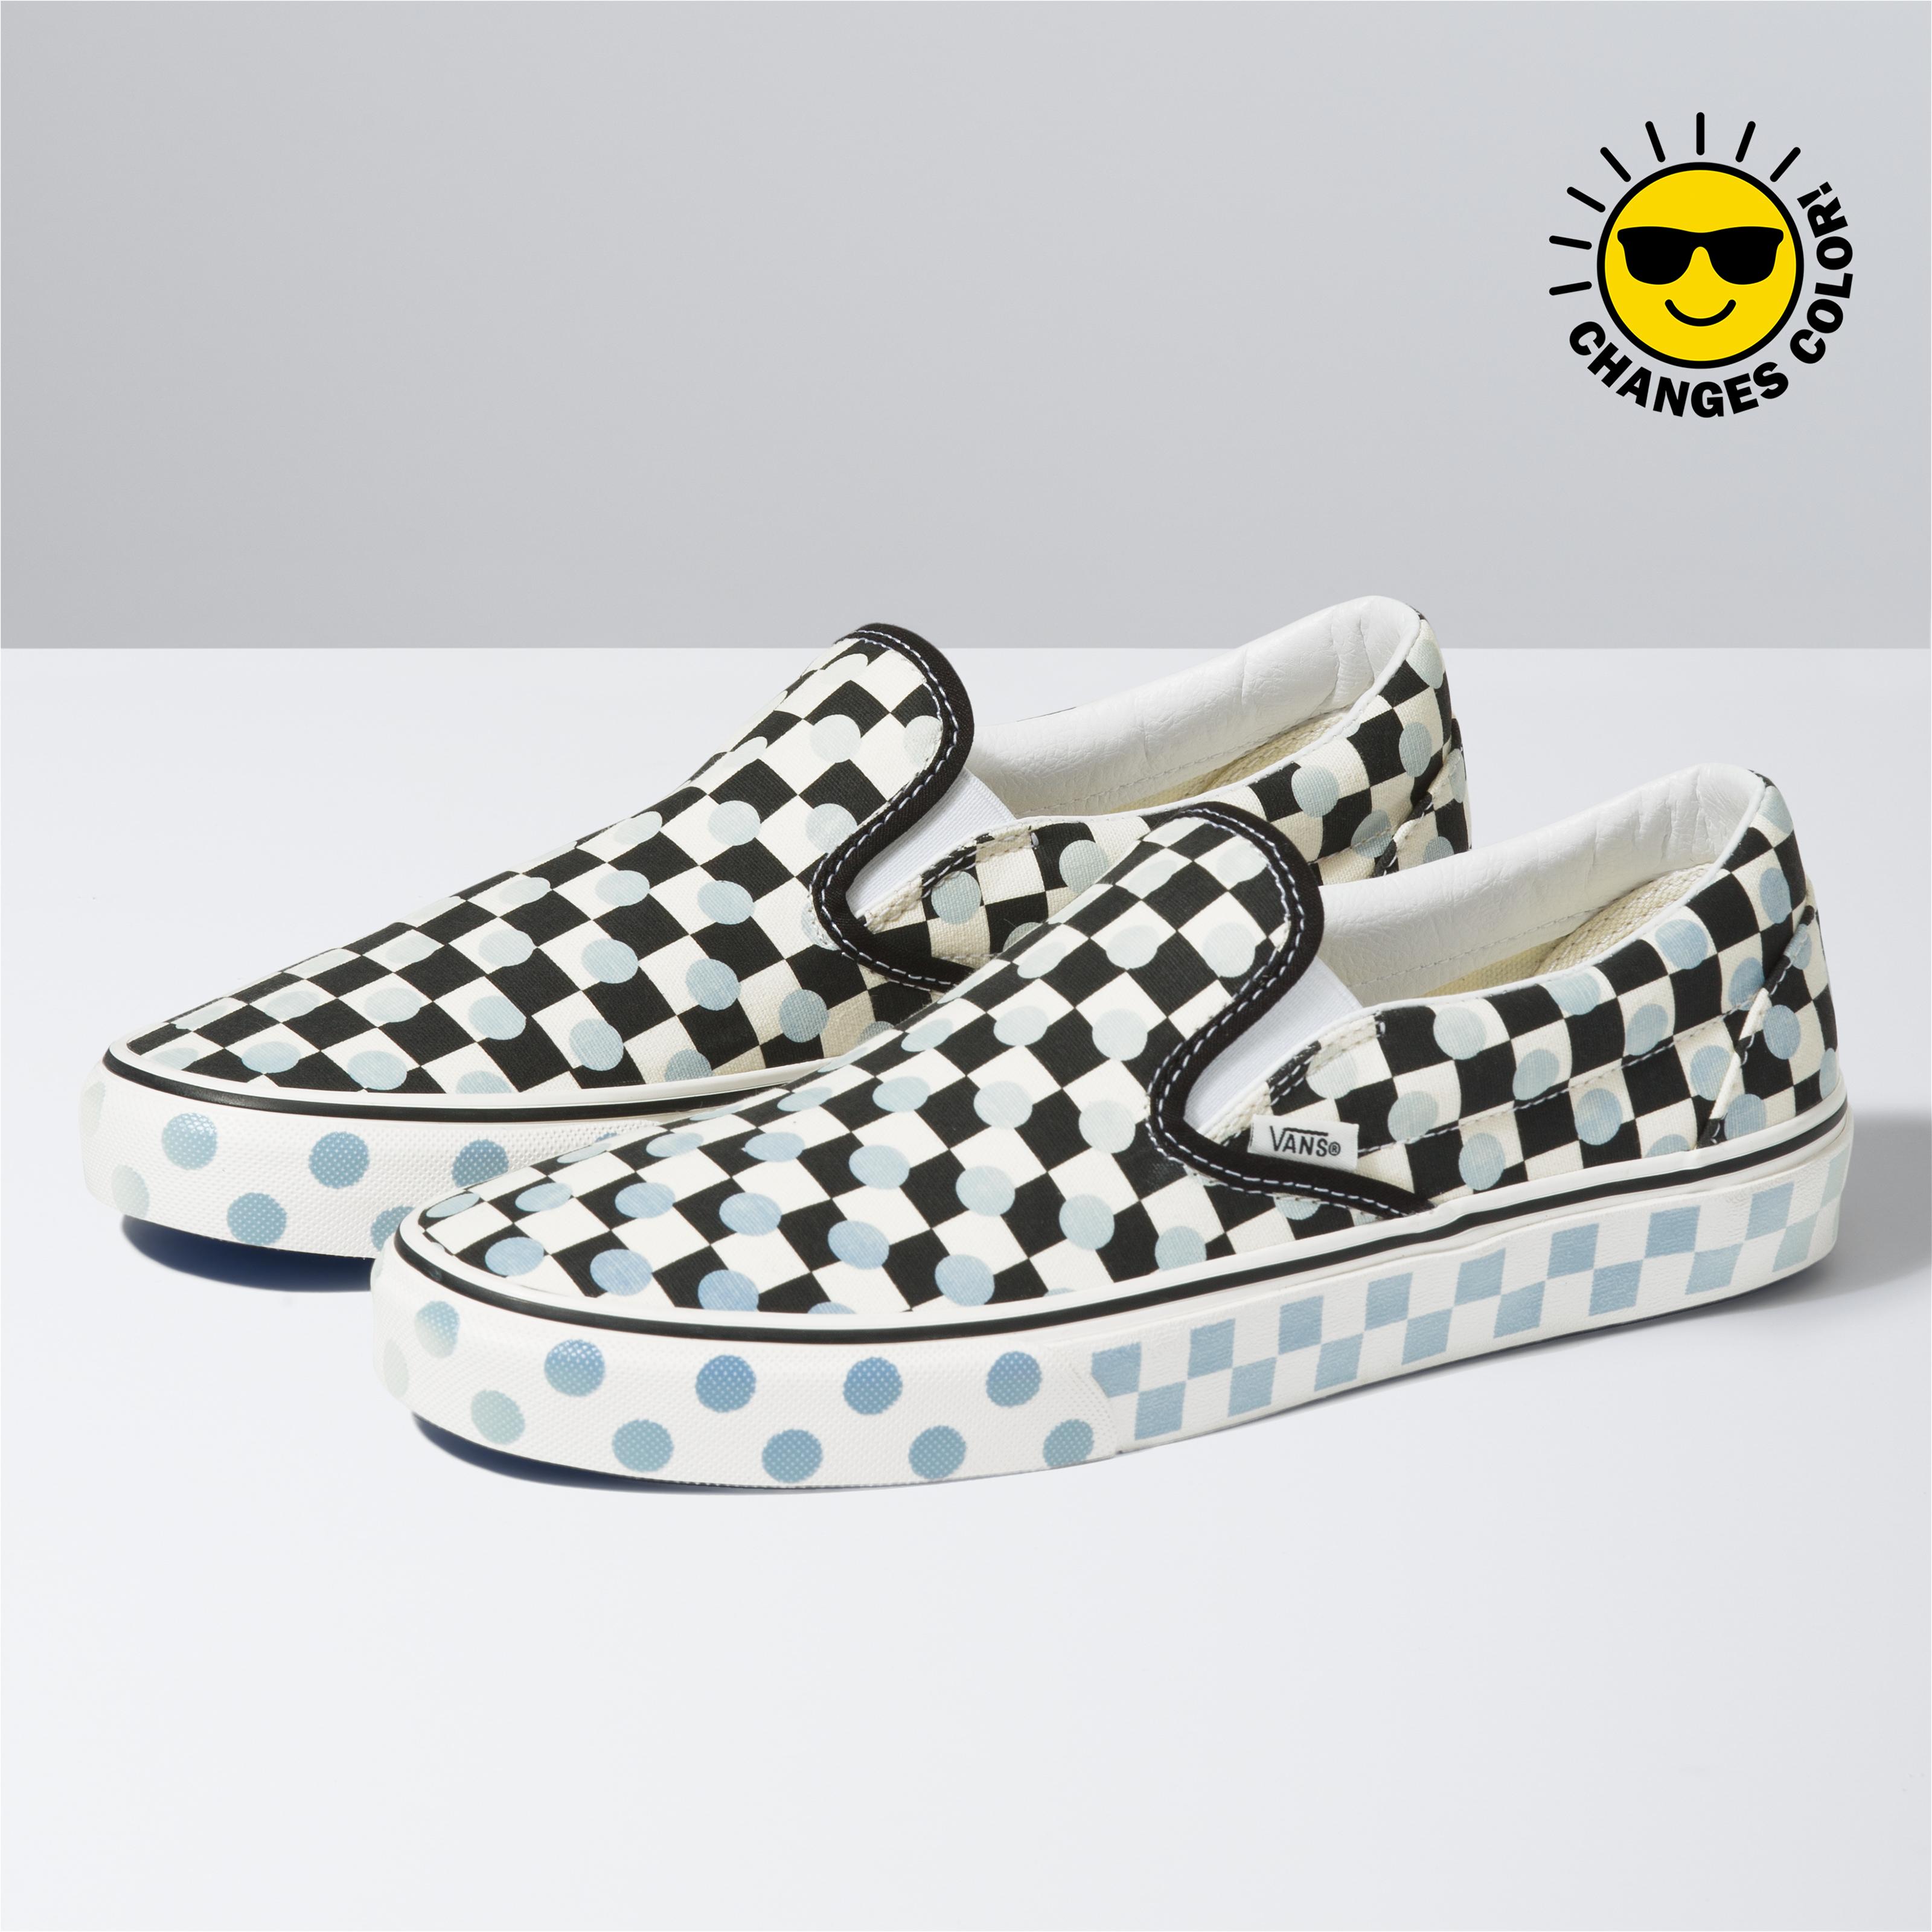 Vans UV Ink Classic Slip-On Sneaker